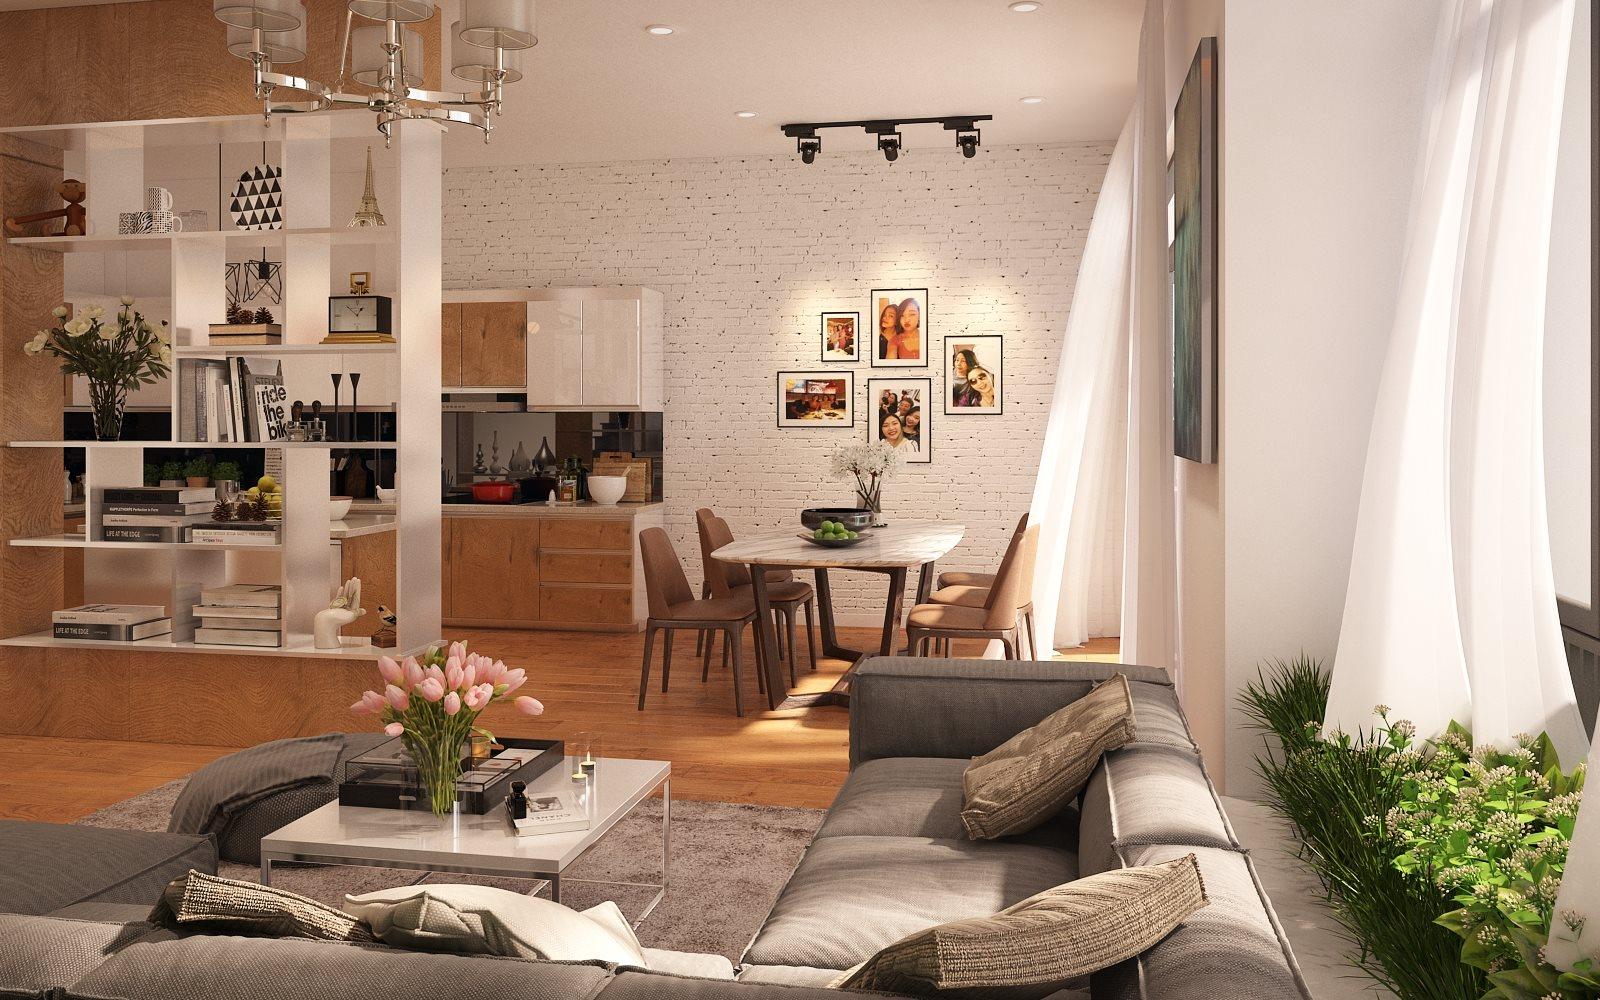 thiết kế nhà tại khu đất nên lâm thành phát